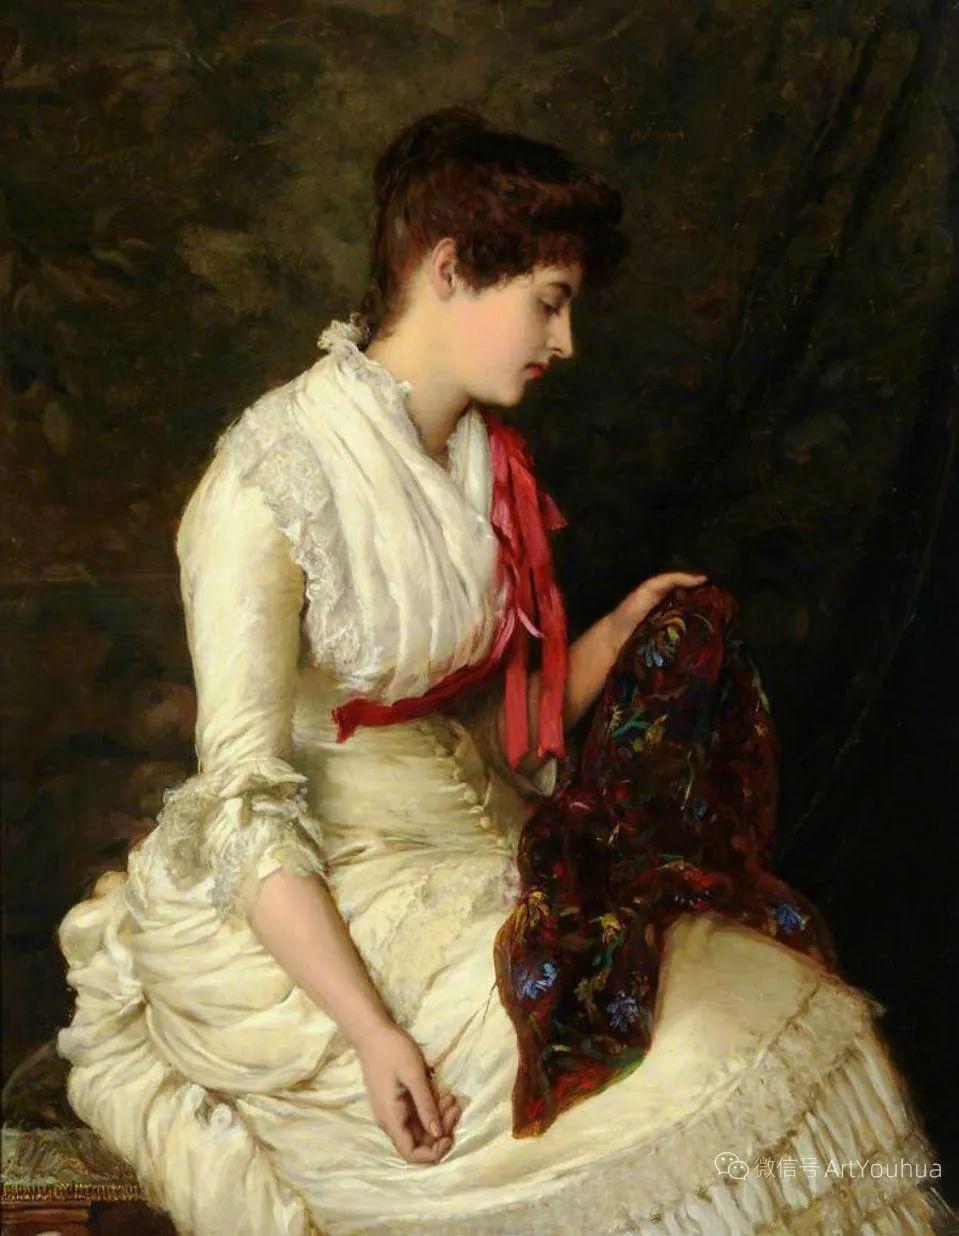 纯情与美丽,英国画家威廉·奥利弗作品选插图57